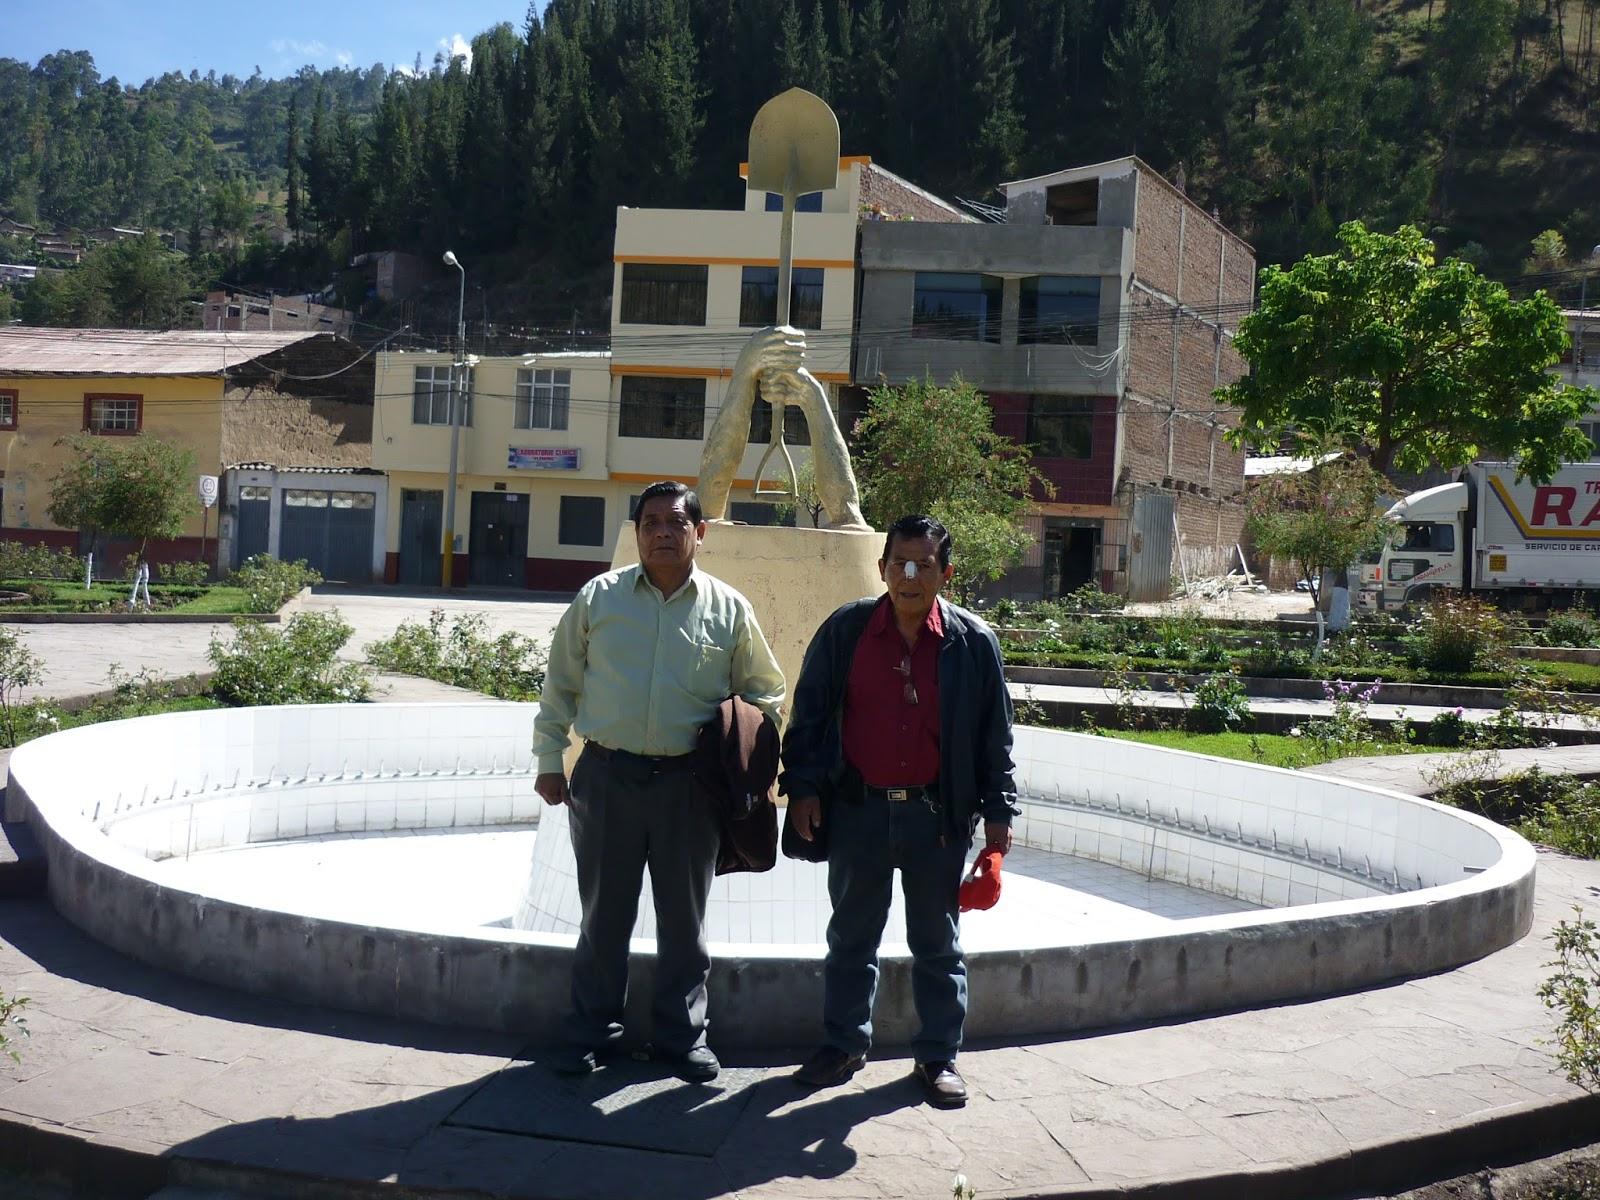 Villa kecca ccecca pueblo querido comuniquen a todos - Contactos cerdanyola del valles ...